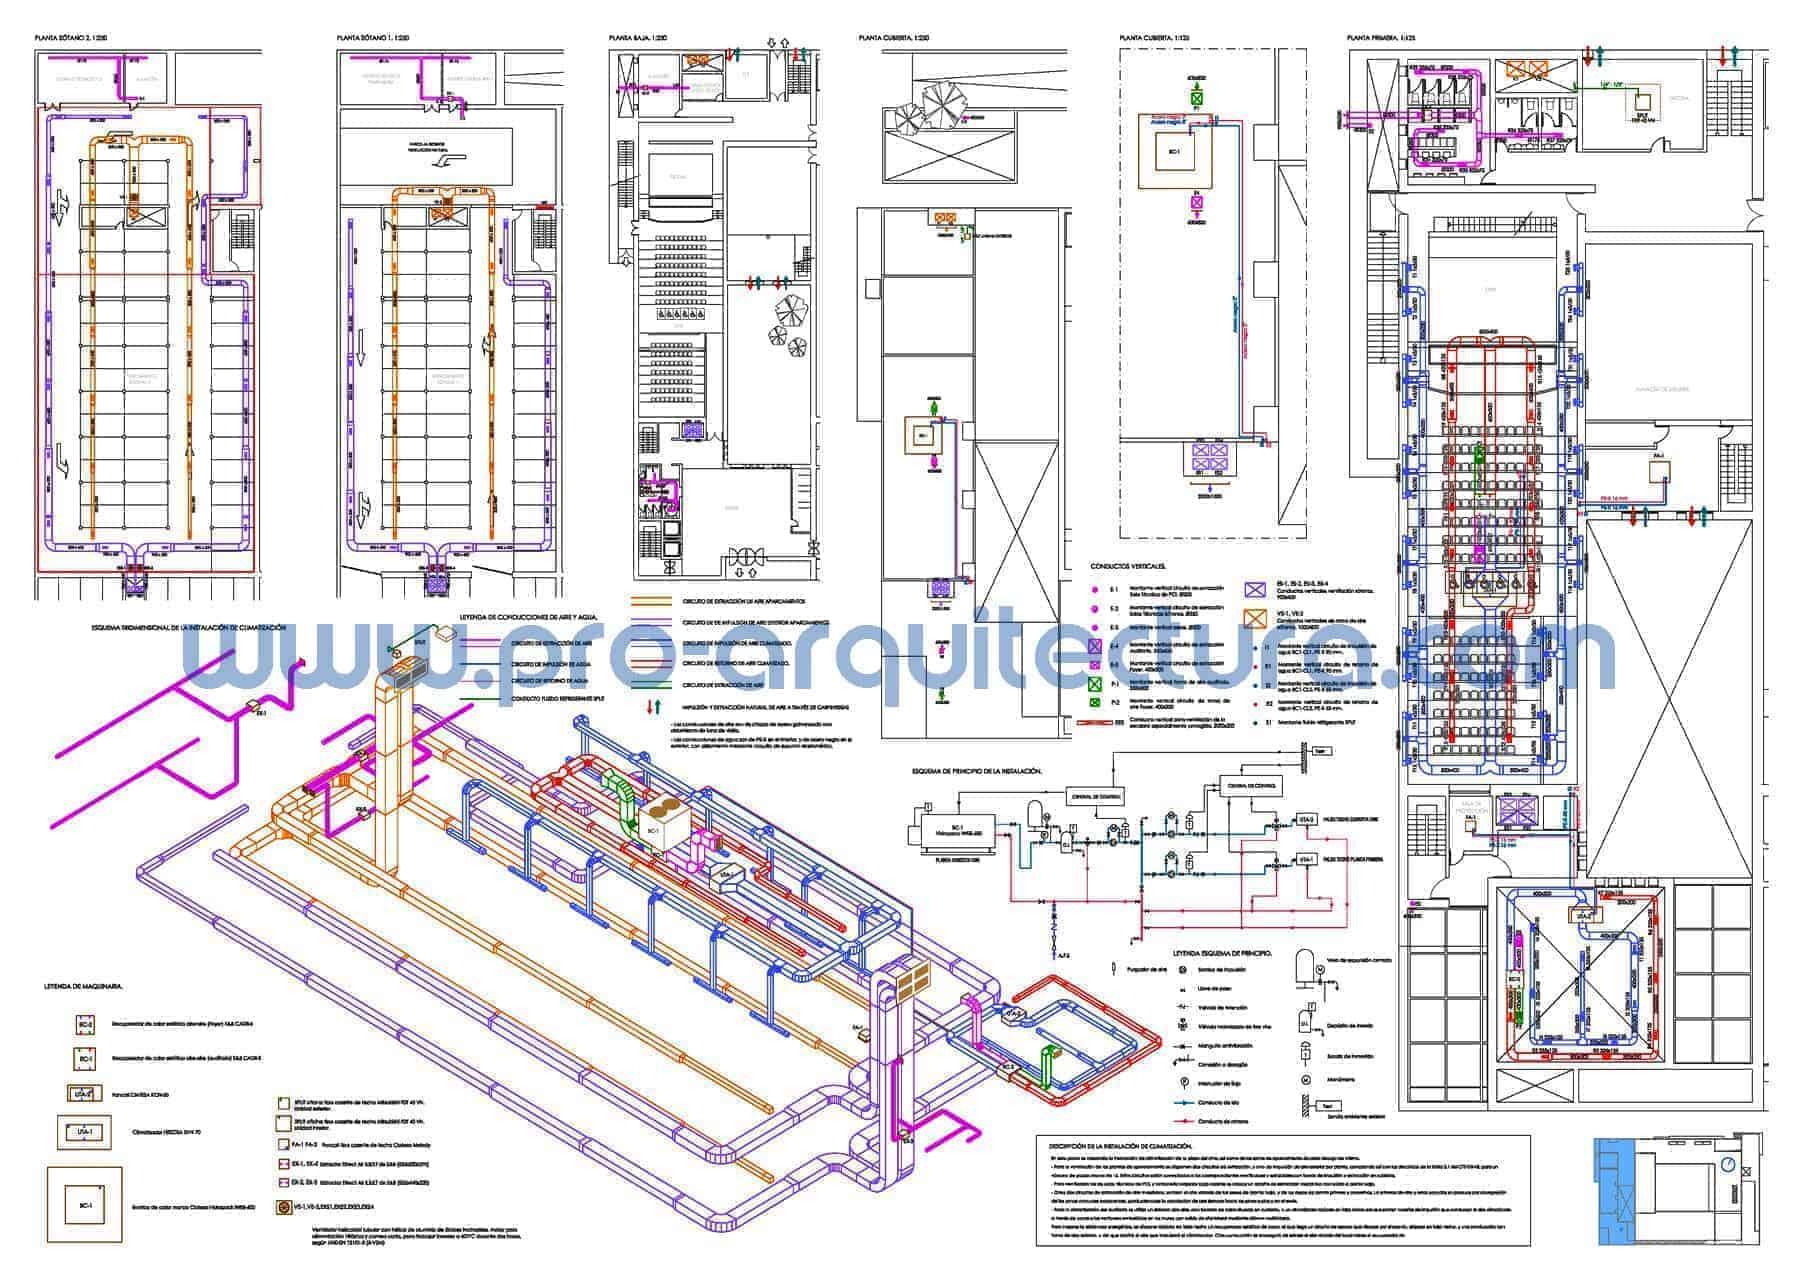 0025-01 Palacio de congresos. Plano de instalación de climatización. Tu ayuda con la entrega del pfc pfg tfg tfm de arquitectura.